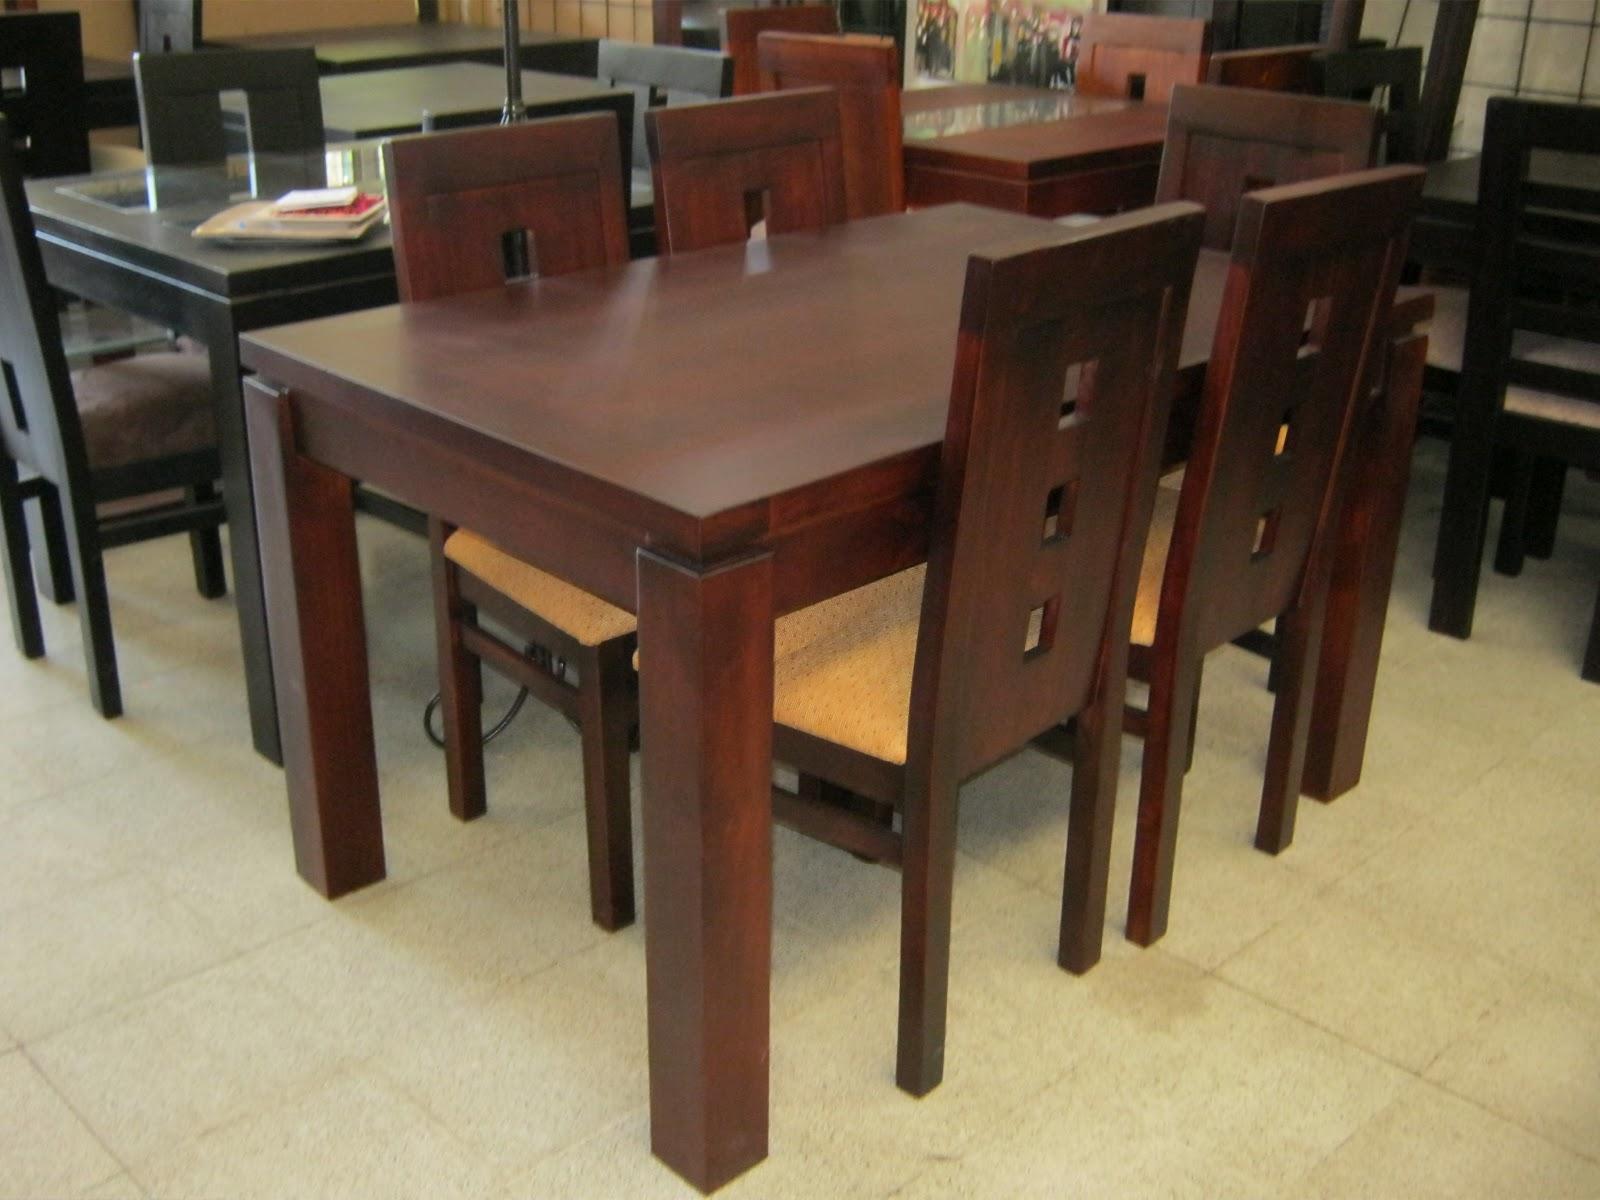 Comedores a medida muebles adonay for Comedores en franklin